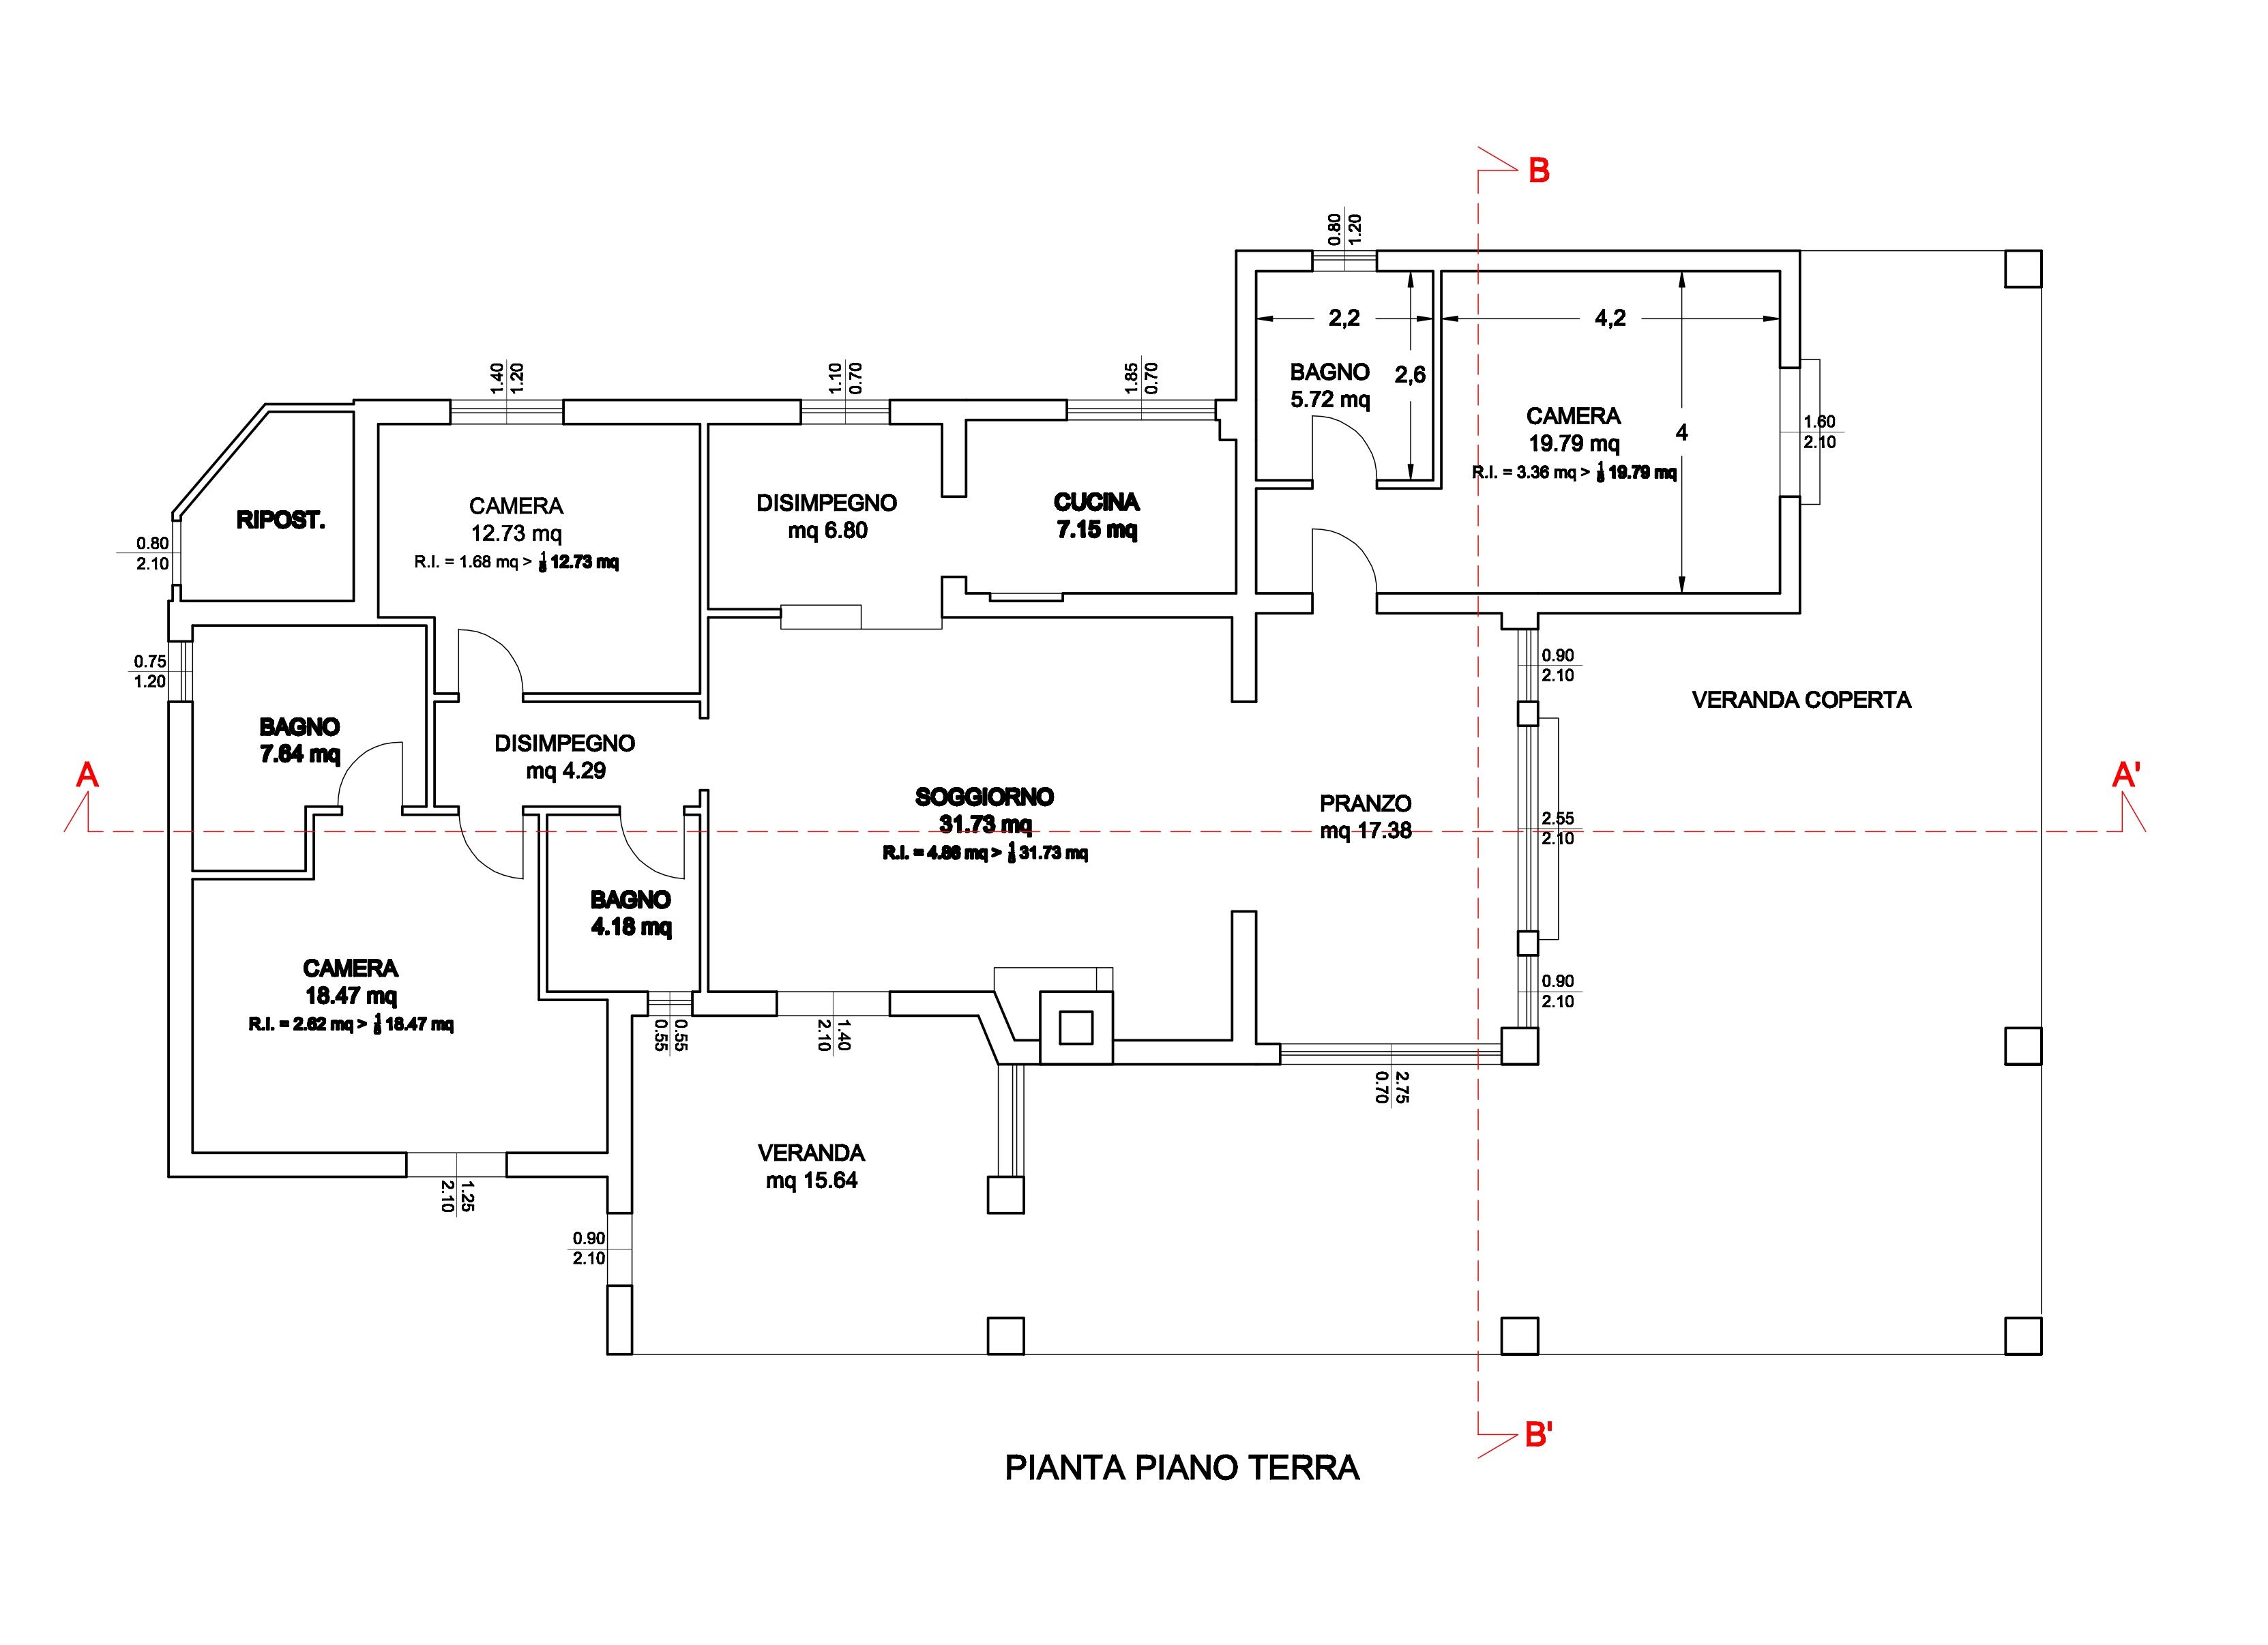 Ampliamento casa con veranda elegant ampliamento casa for Planimetrie delle case con struttura in metallo